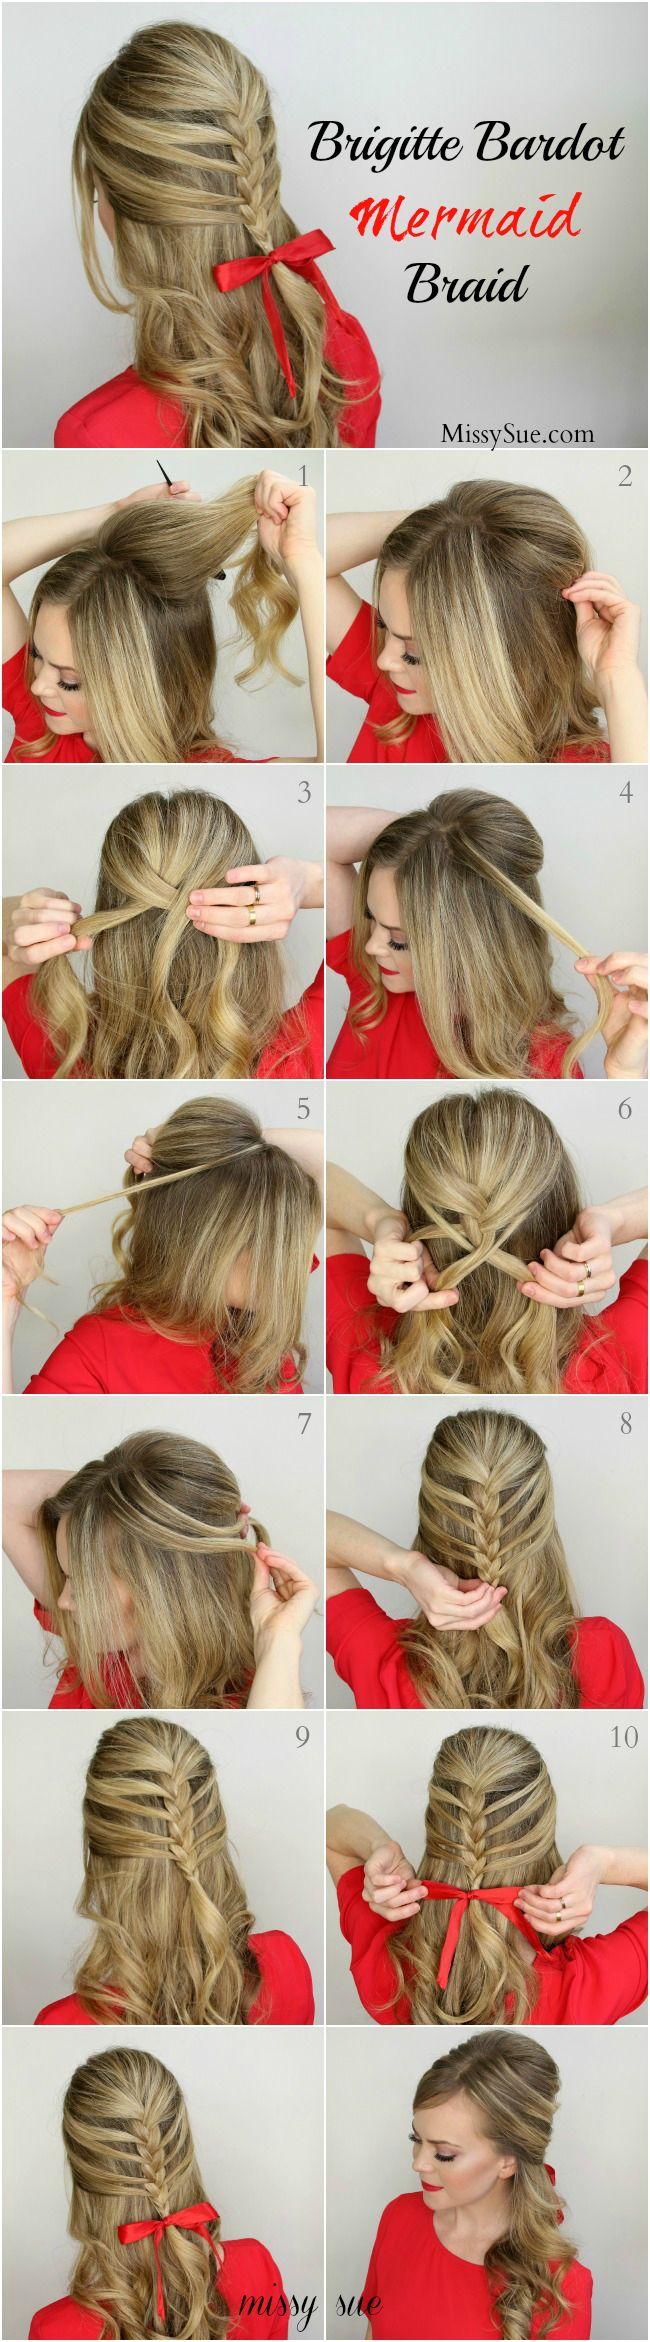 Pour les jours où vous n'avez pas beaucoup de temps mais que vous avez quand même envie d'une coiffure stylée, ces 15 nouveaux tutos étape par étape pour f